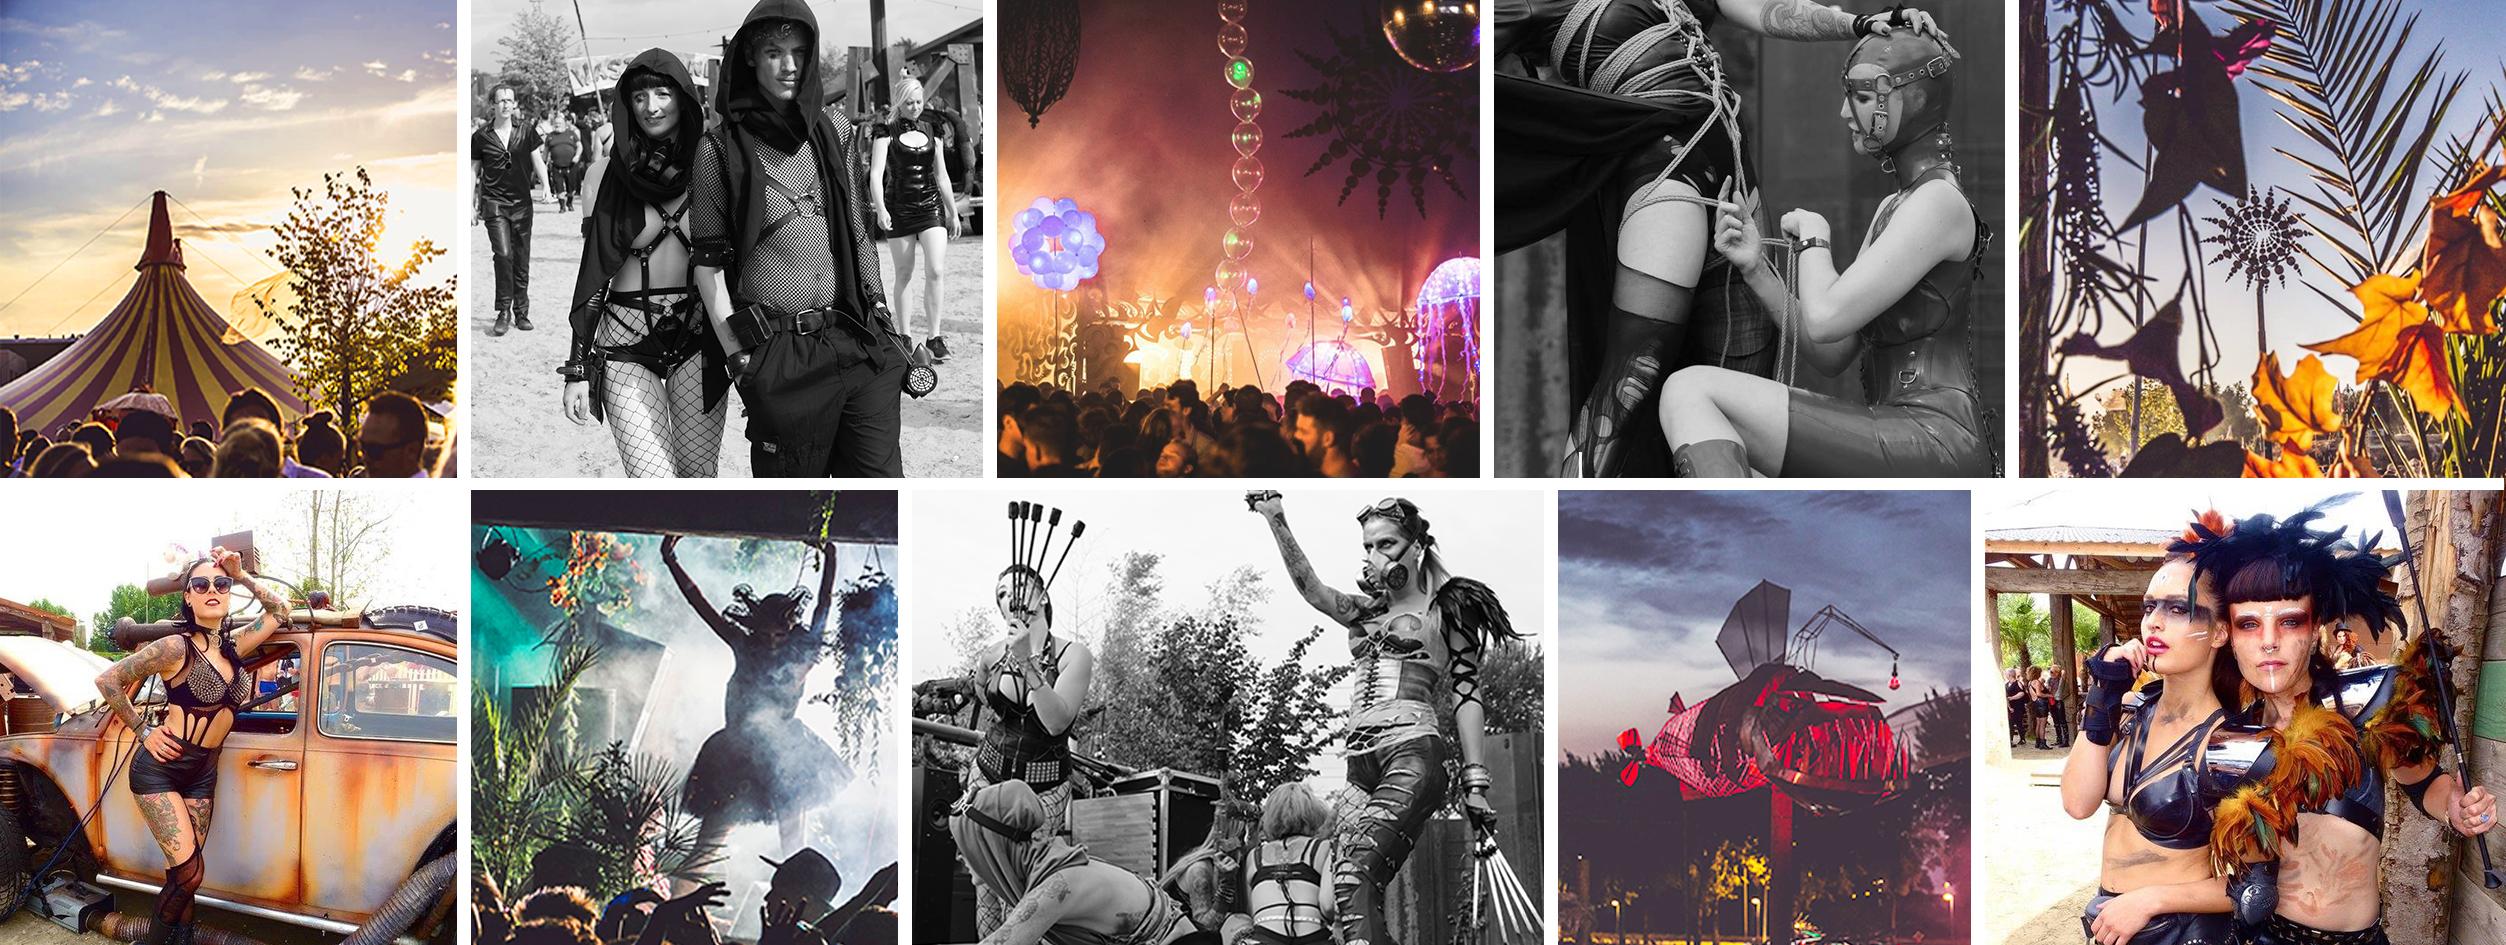 summerfest-banner-indruk-2018